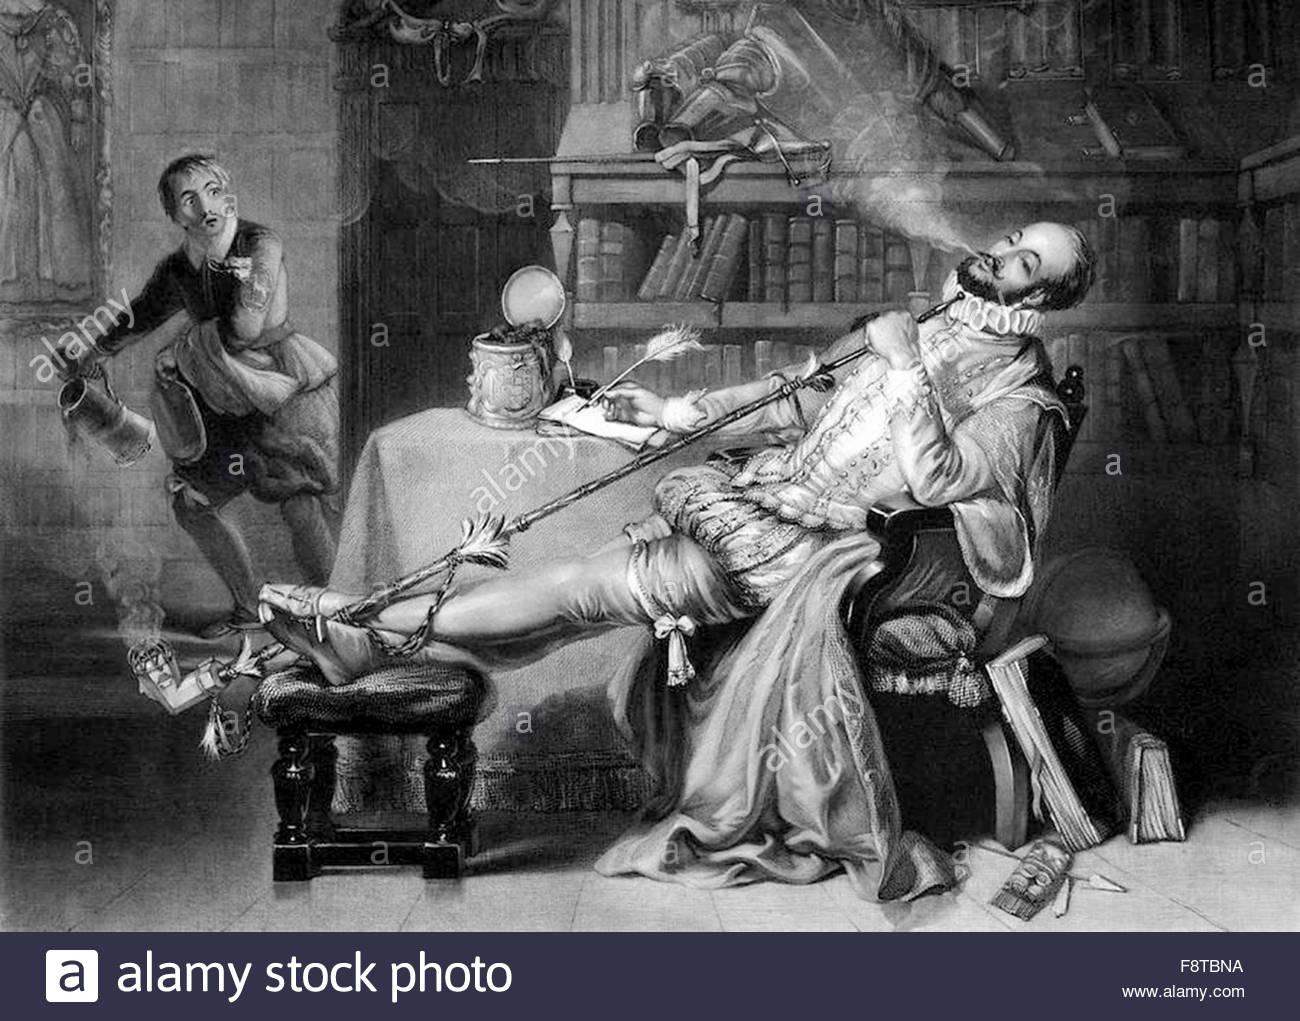 Sir Walter Raleigh, Fumar tabaco desde un tubo en Inglaterra.